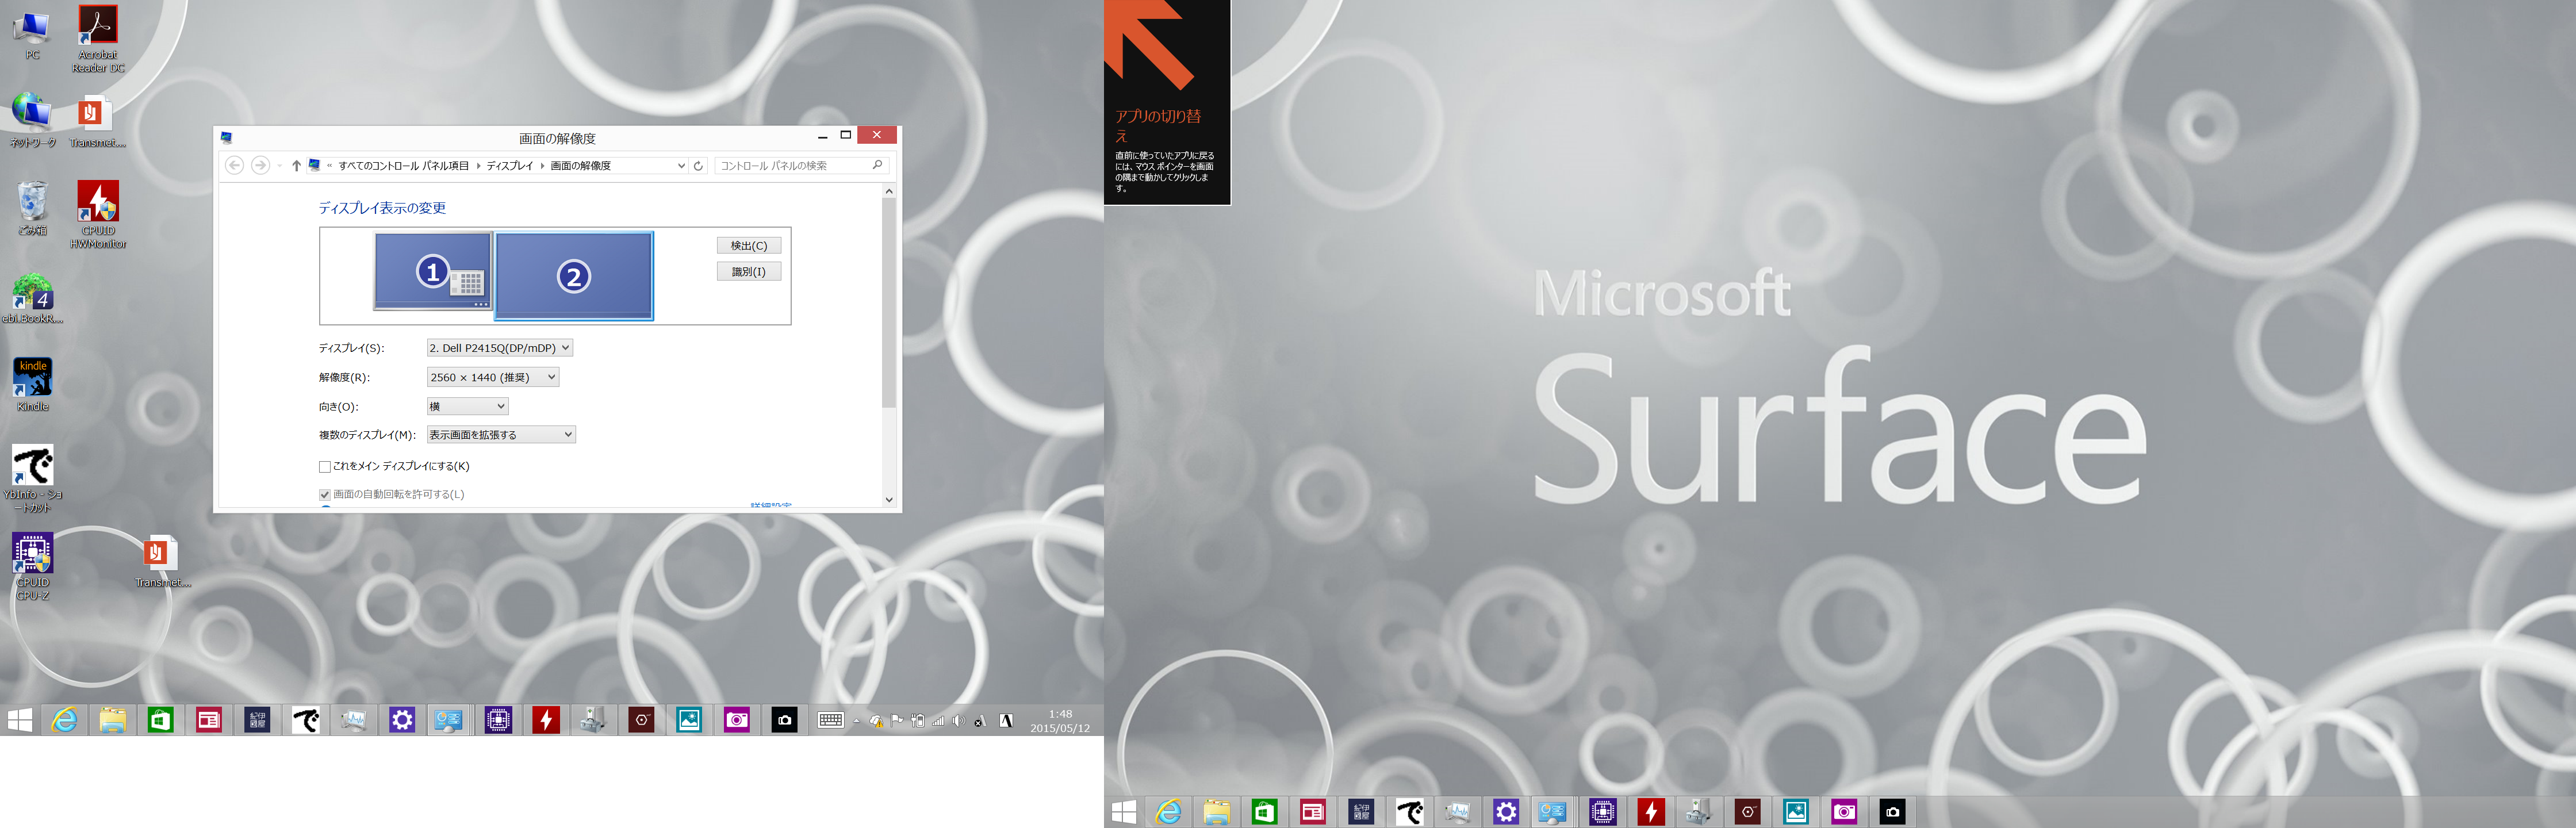 Surface 3をDellの4KディスプレイにDisplayPort経由で接続したところ、WQHD(2,560×1,440ドット)まで表示できた